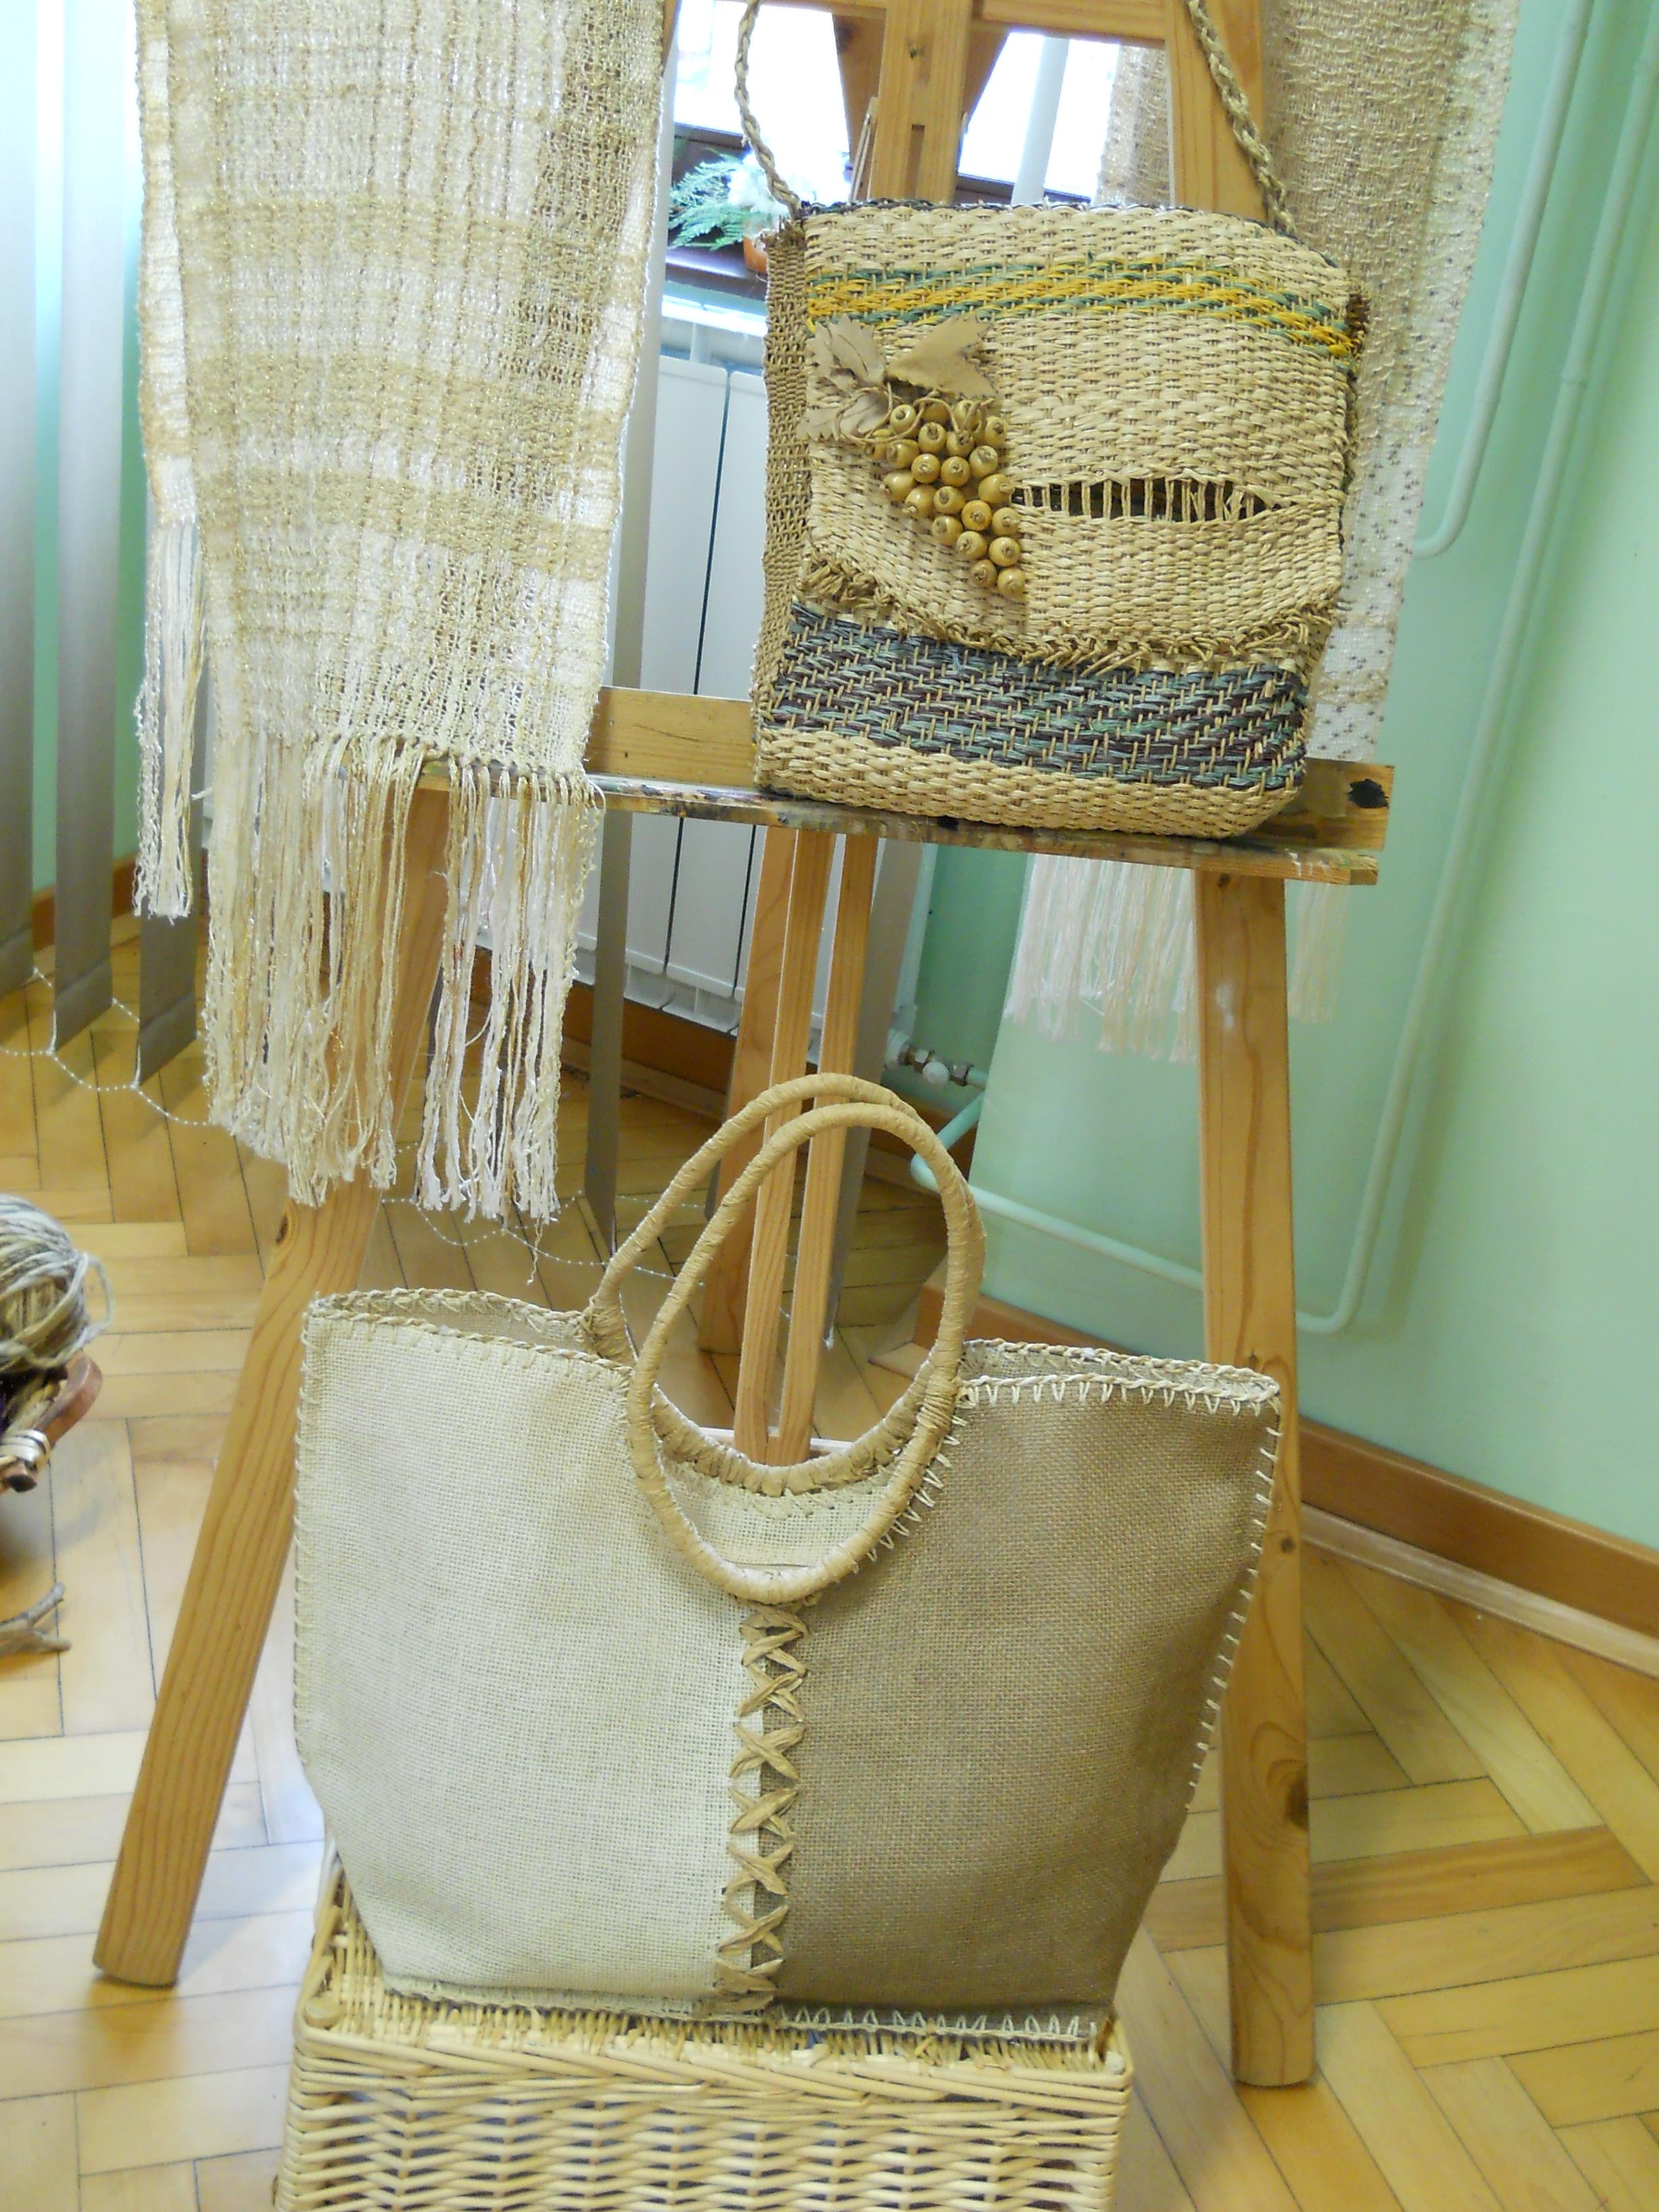 Prikaz unikatnega ročnega tkanja in razstava izdelkov, Pristava pri Tržiču, 28.2.2014